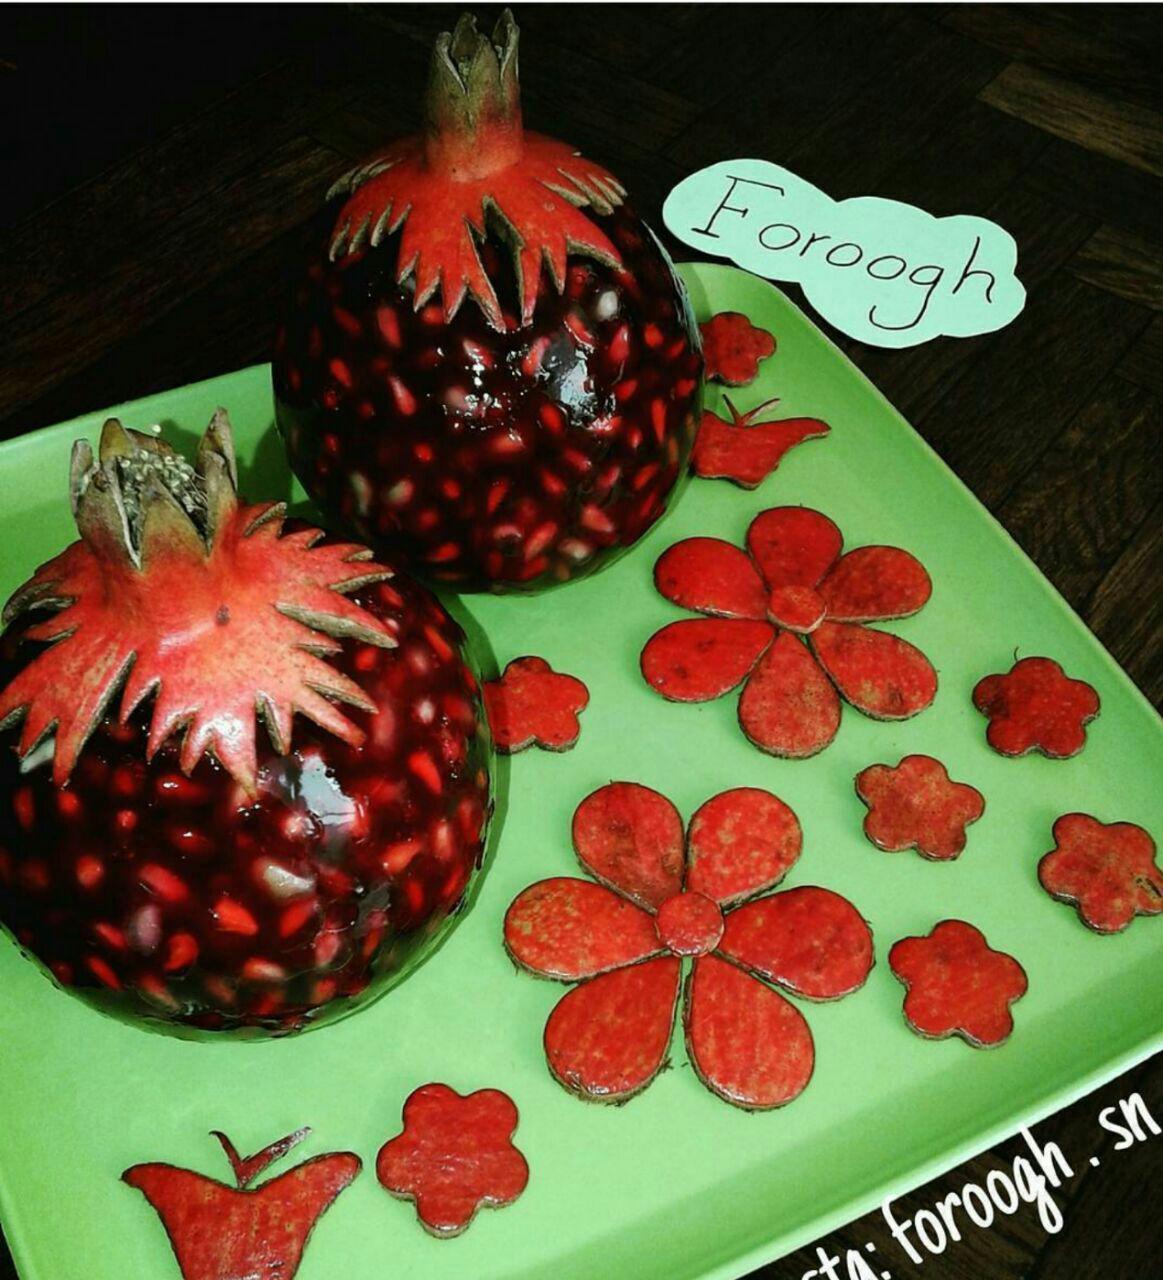 جدیدترین مدل تزیین ژله / تزیین ژله با میوه